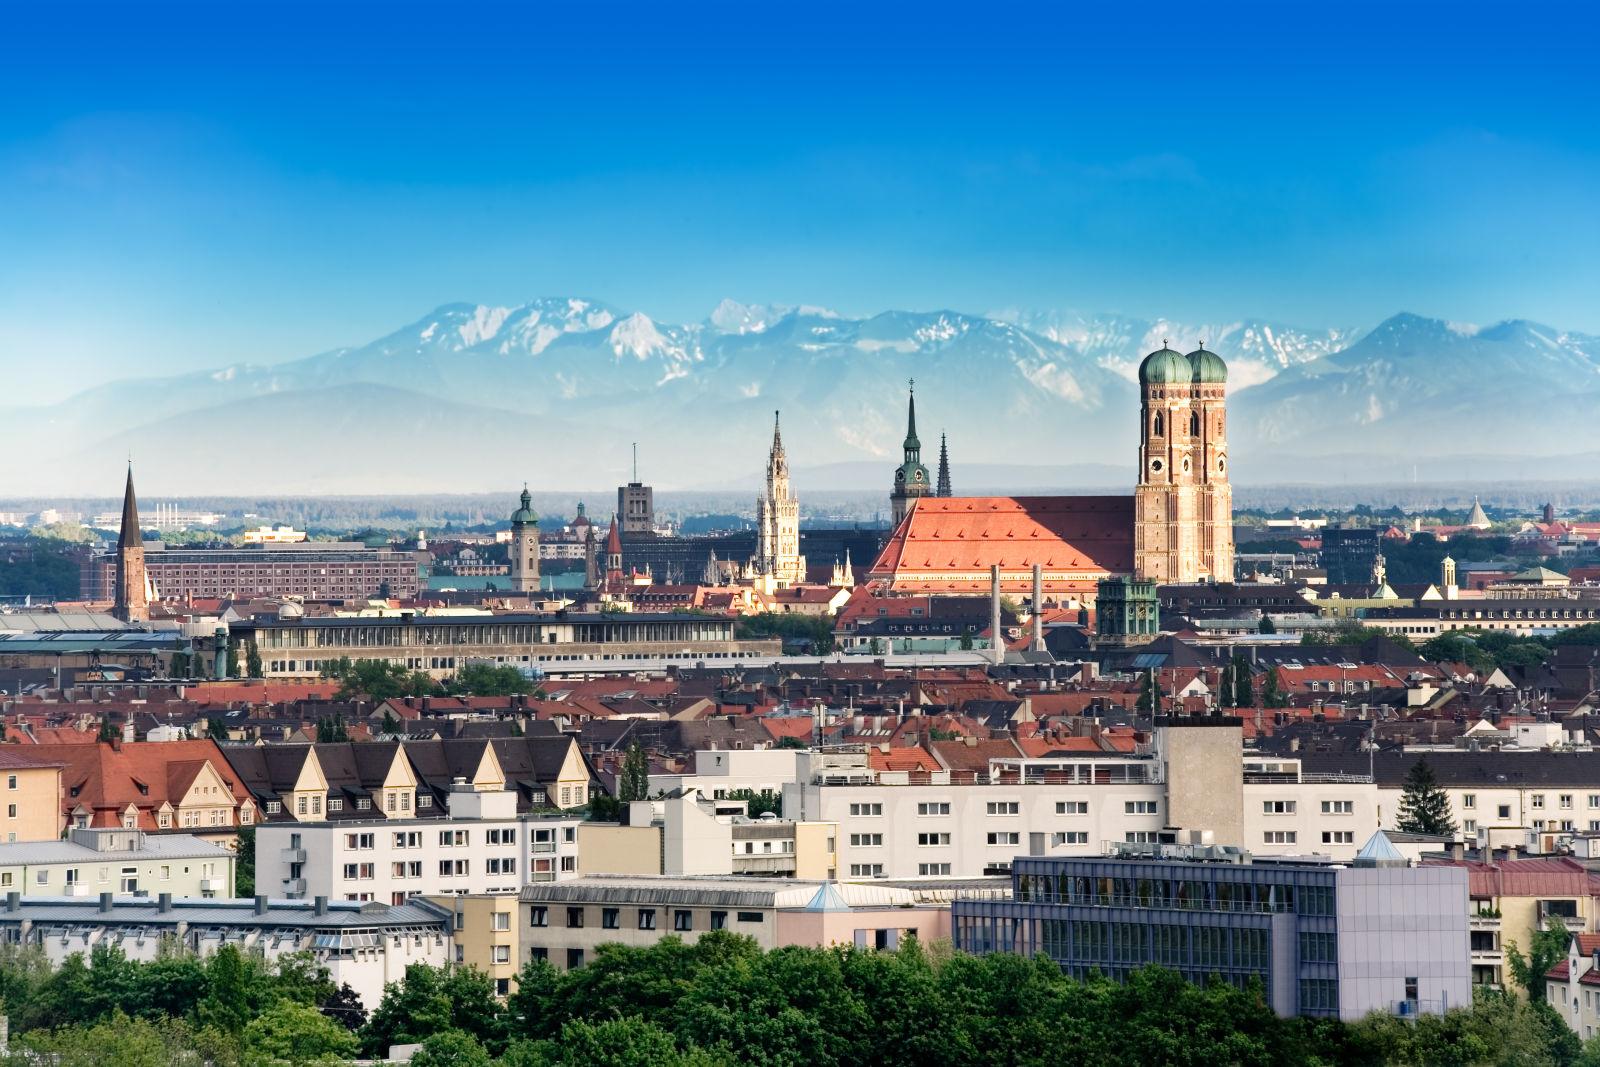 Skyline von München mit den Alpen im Hintergrund